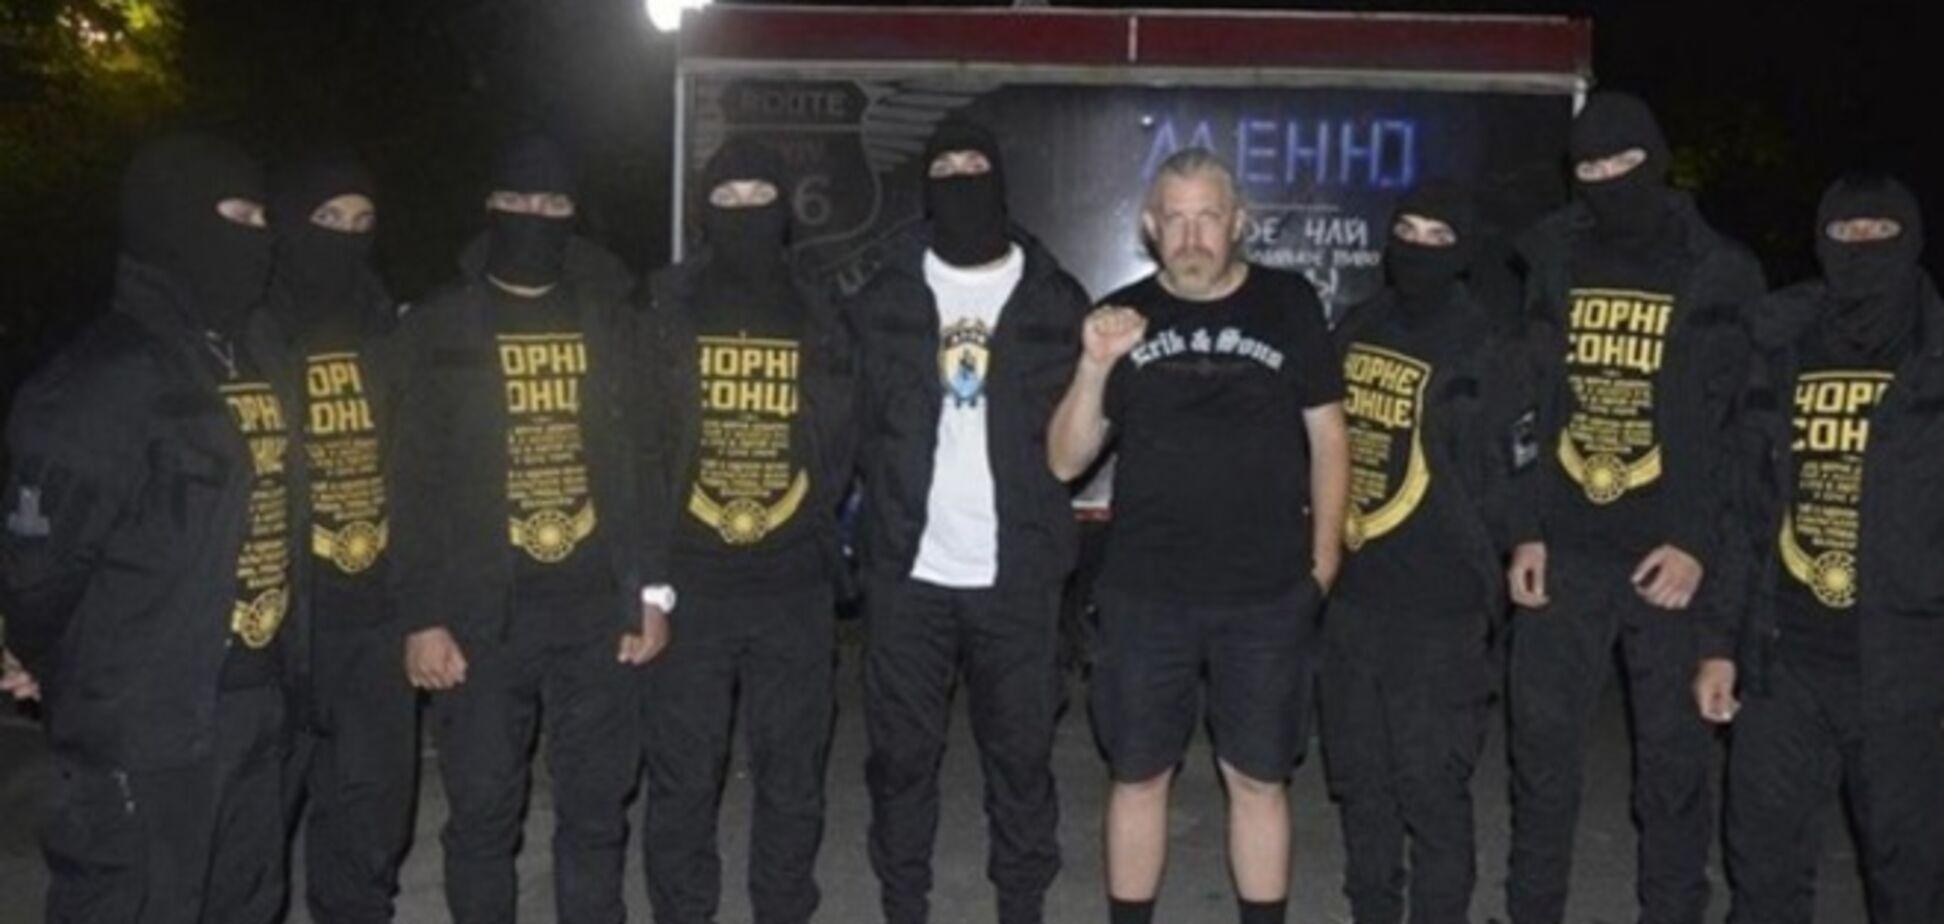 LifeNews распространил фейк о насильной мобилизации, под которую якобы попал известный музыкант